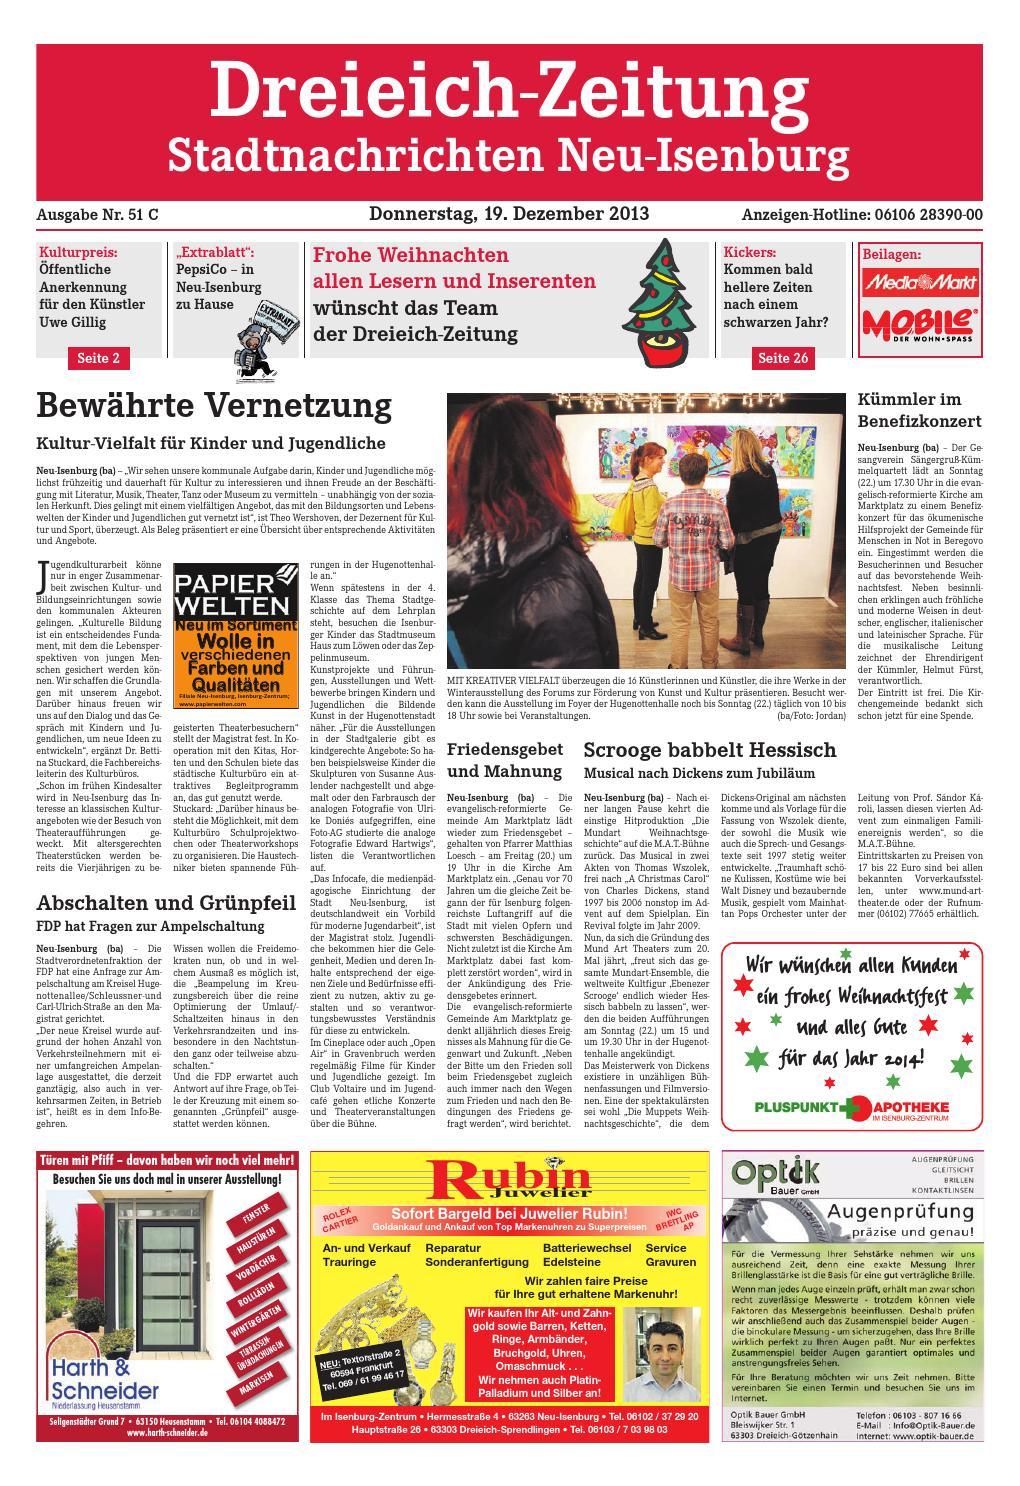 Dz online 051 13 c by Dreieich-Zeitung/Offenbach-Journal - issuu